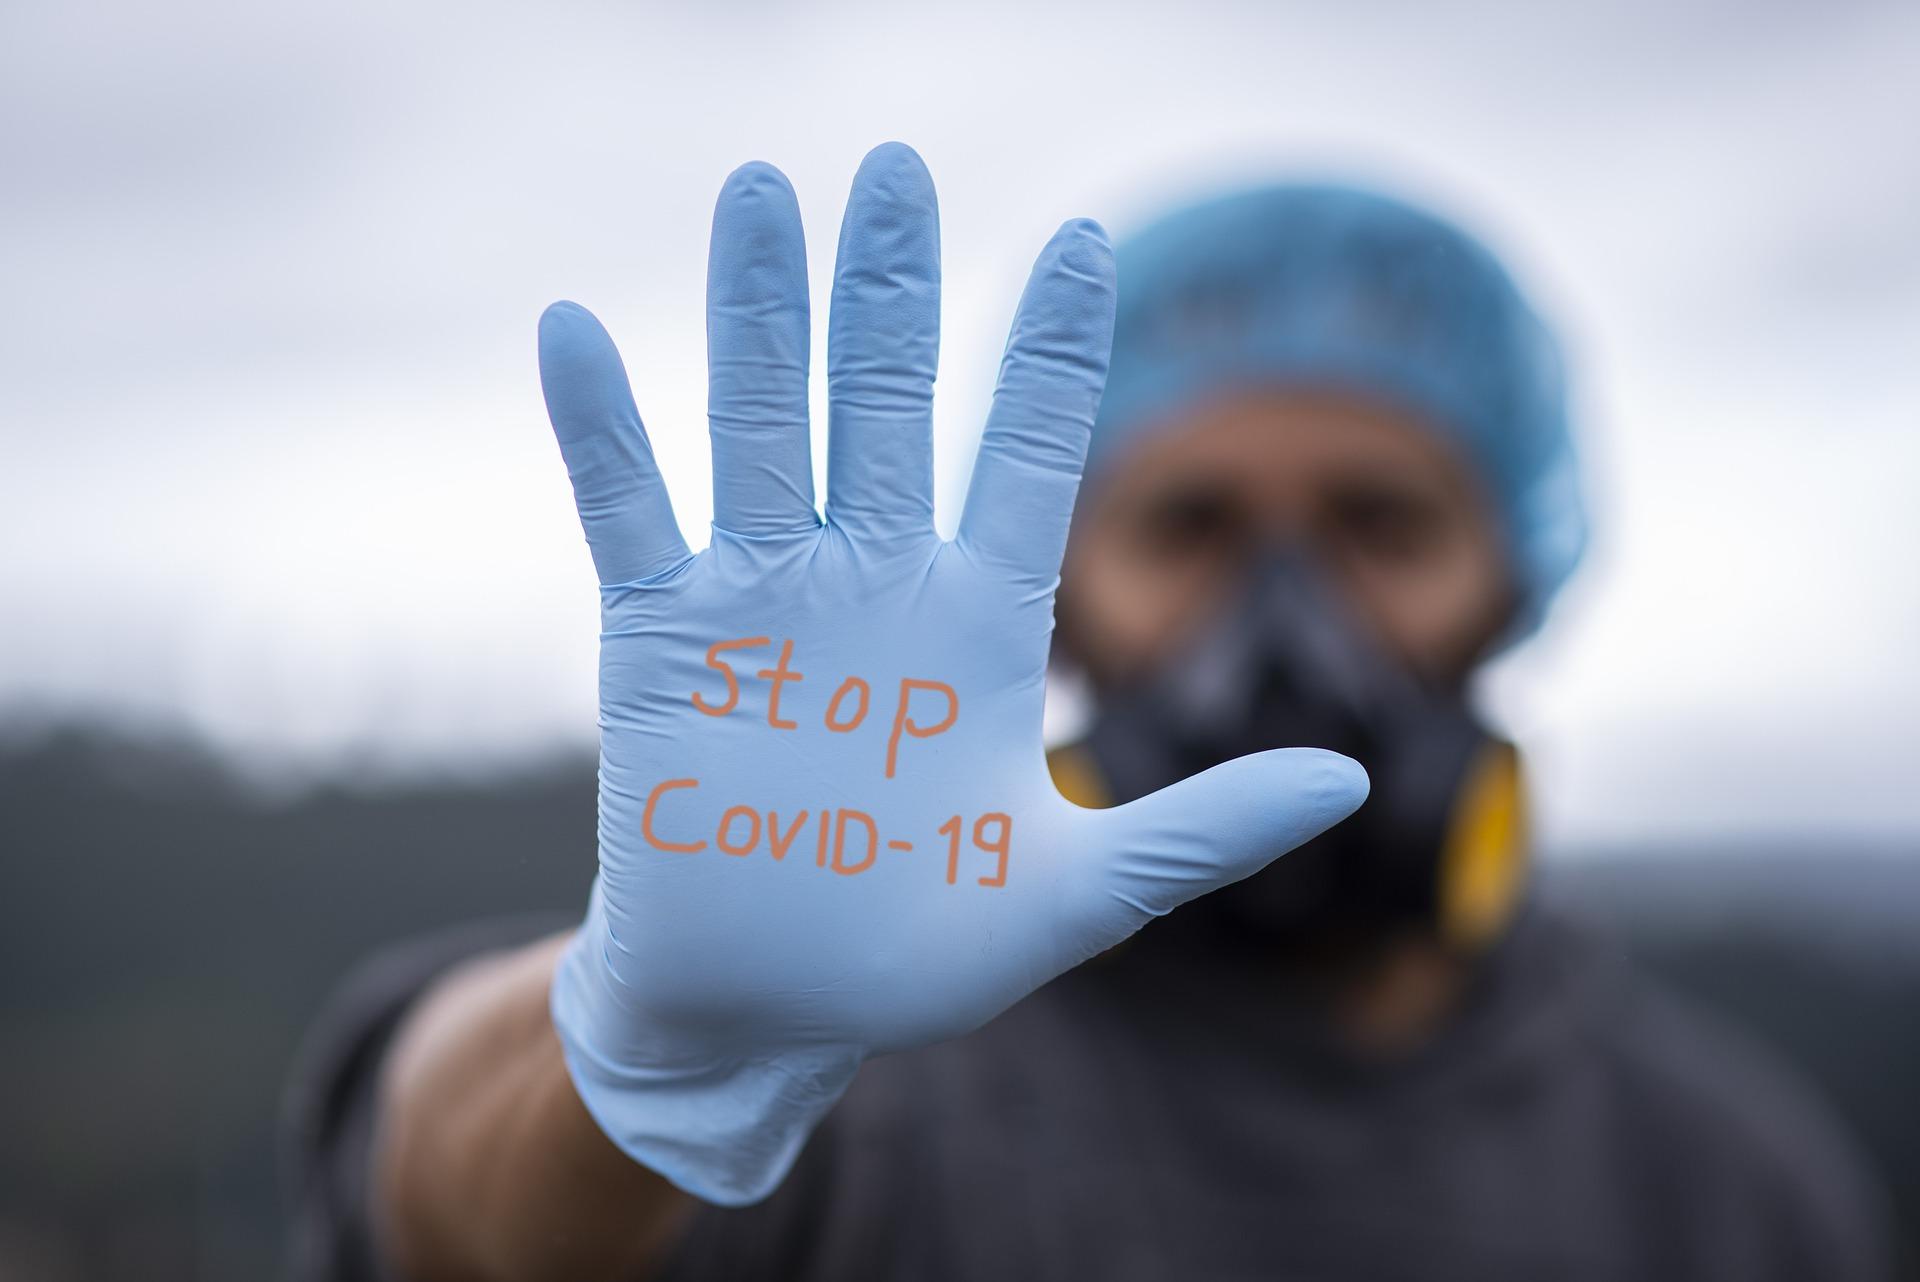 Océan Indien: les répercussions négatives du coronavirus